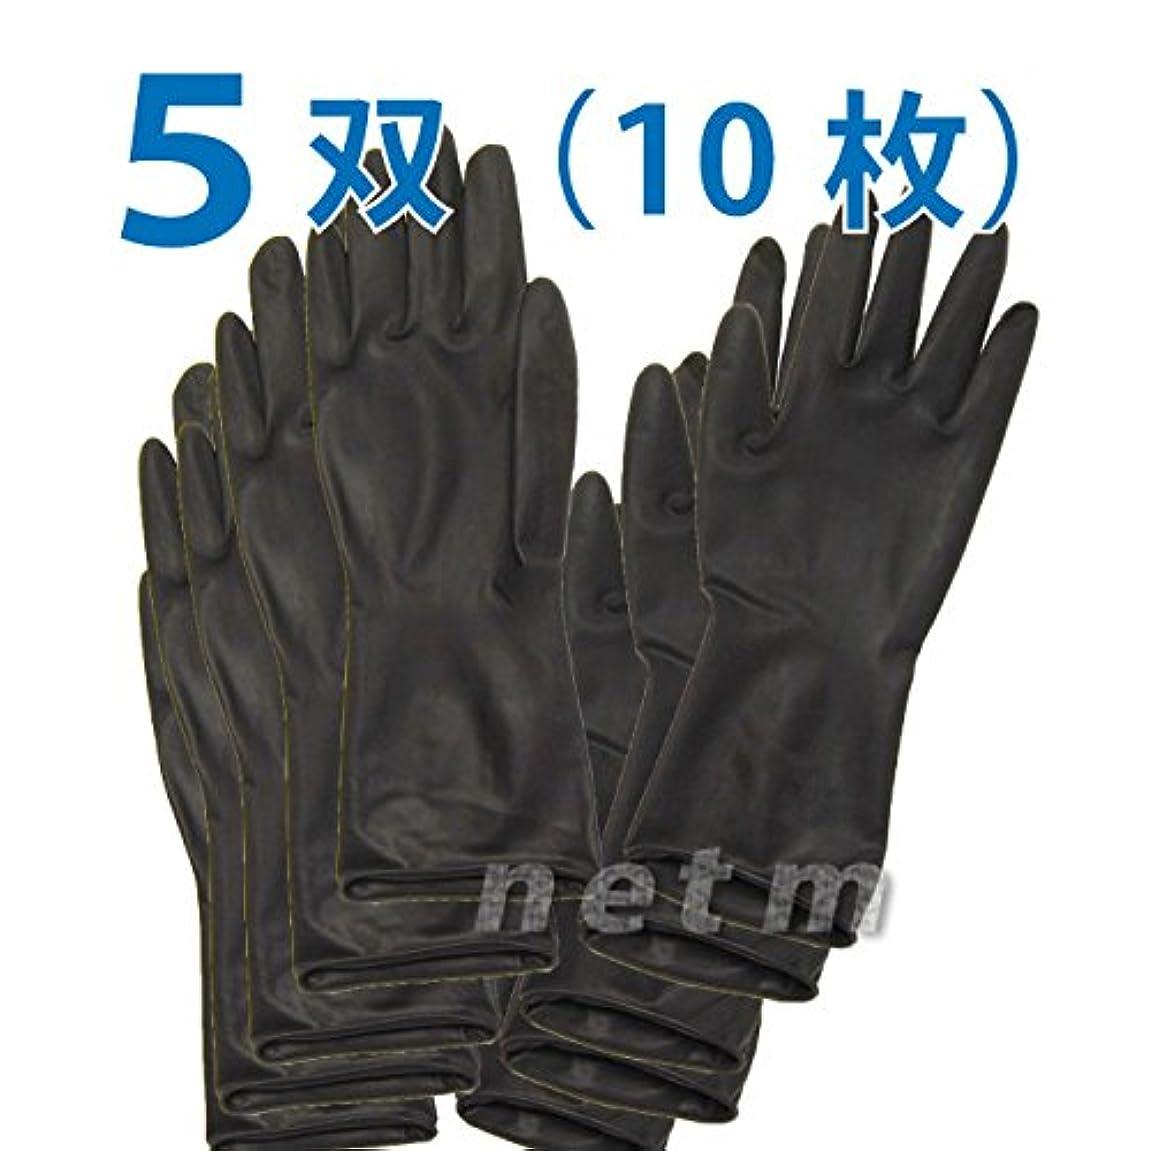 動的ステンレス方法オカモト ブラックグローブ ロングタイプ Sサイズ  5双(10枚)